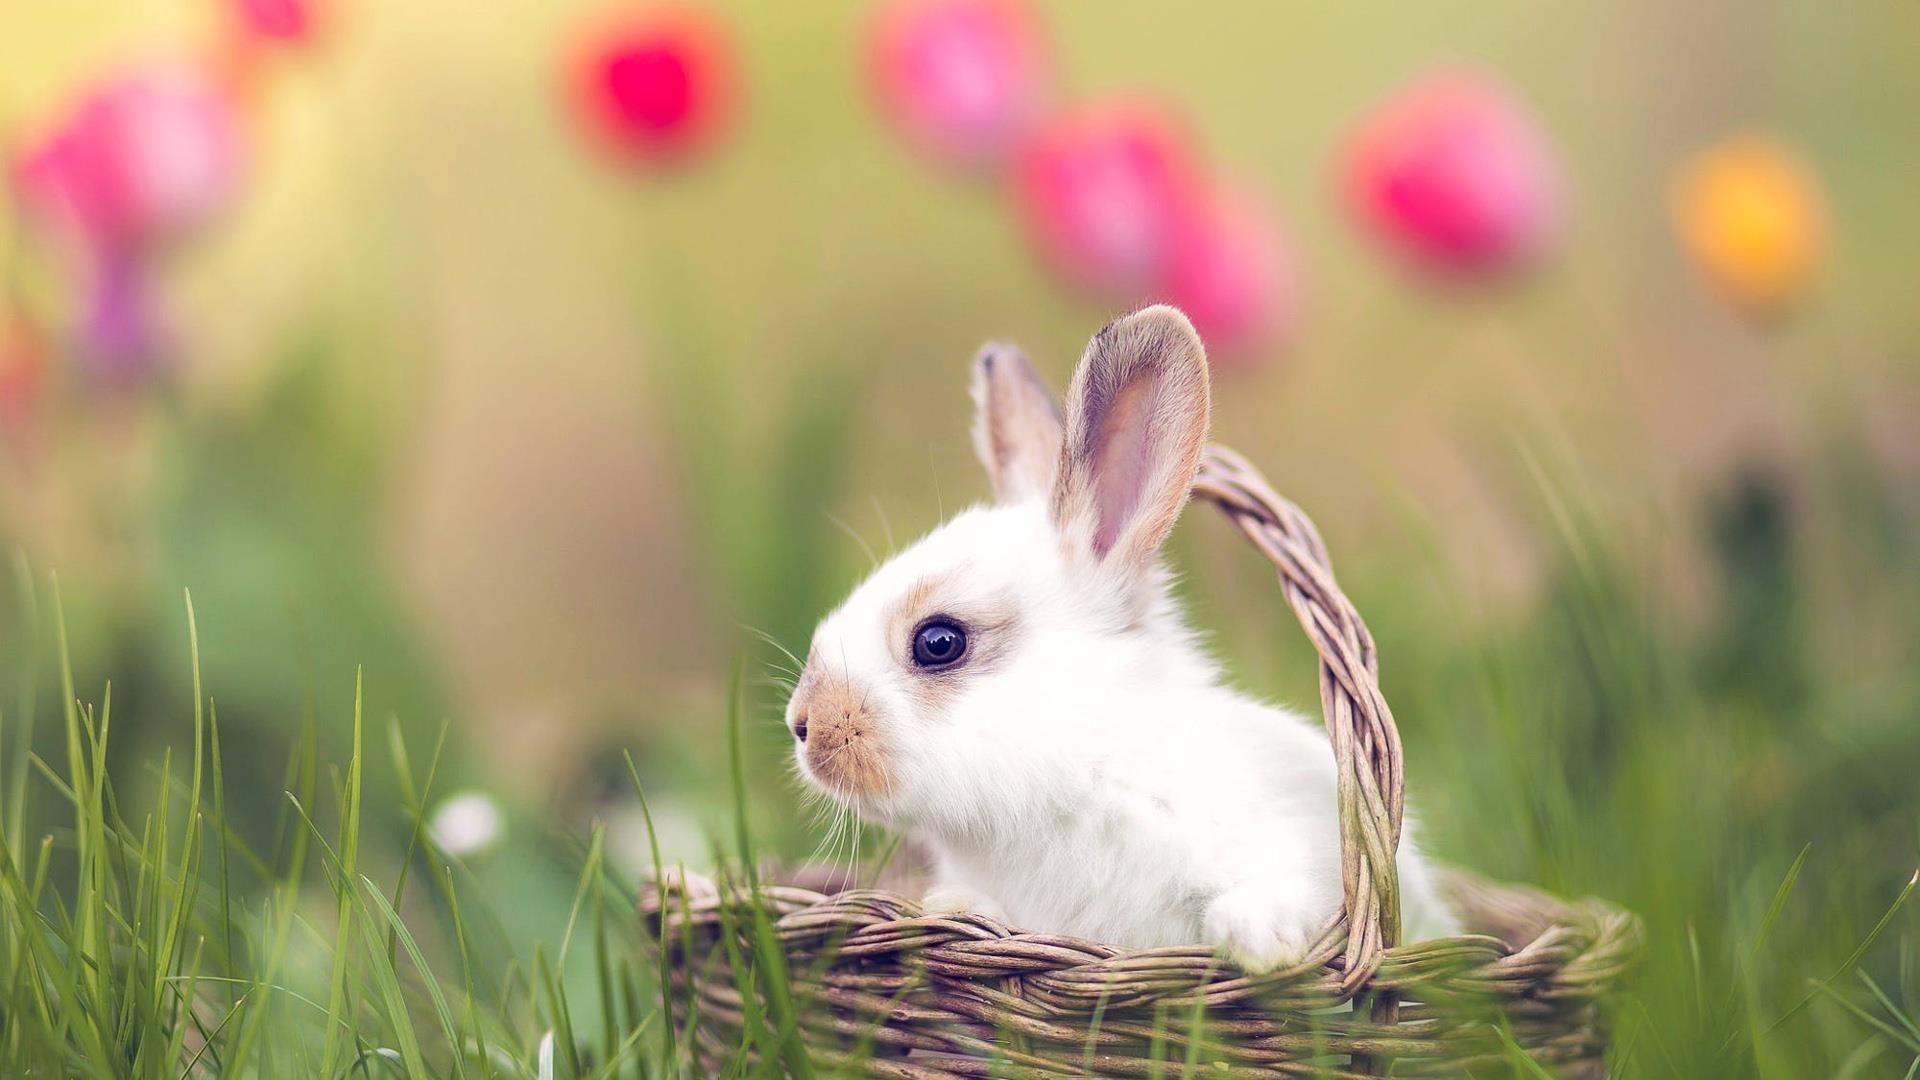 Кролик сидит в коричневой плетеной корзине на зеленой траве полевых животных обои скачать